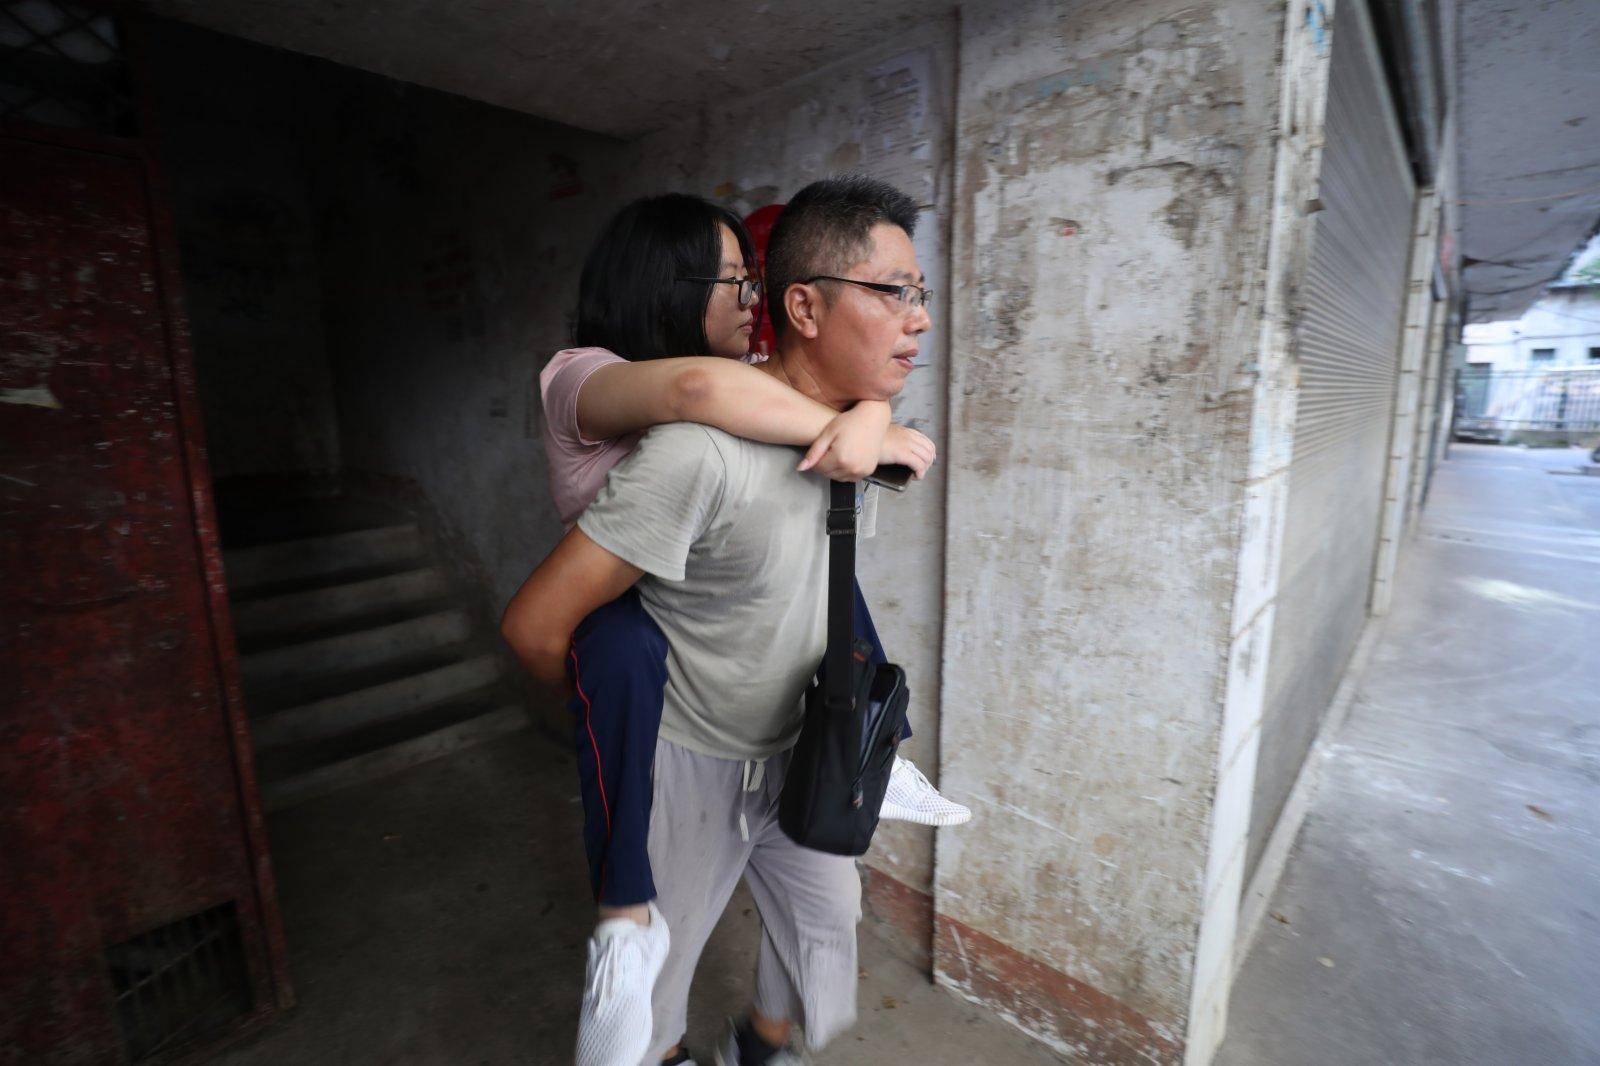 9月1日,謝培軍背女兒出門,準備趕往學校報到。(新華社)